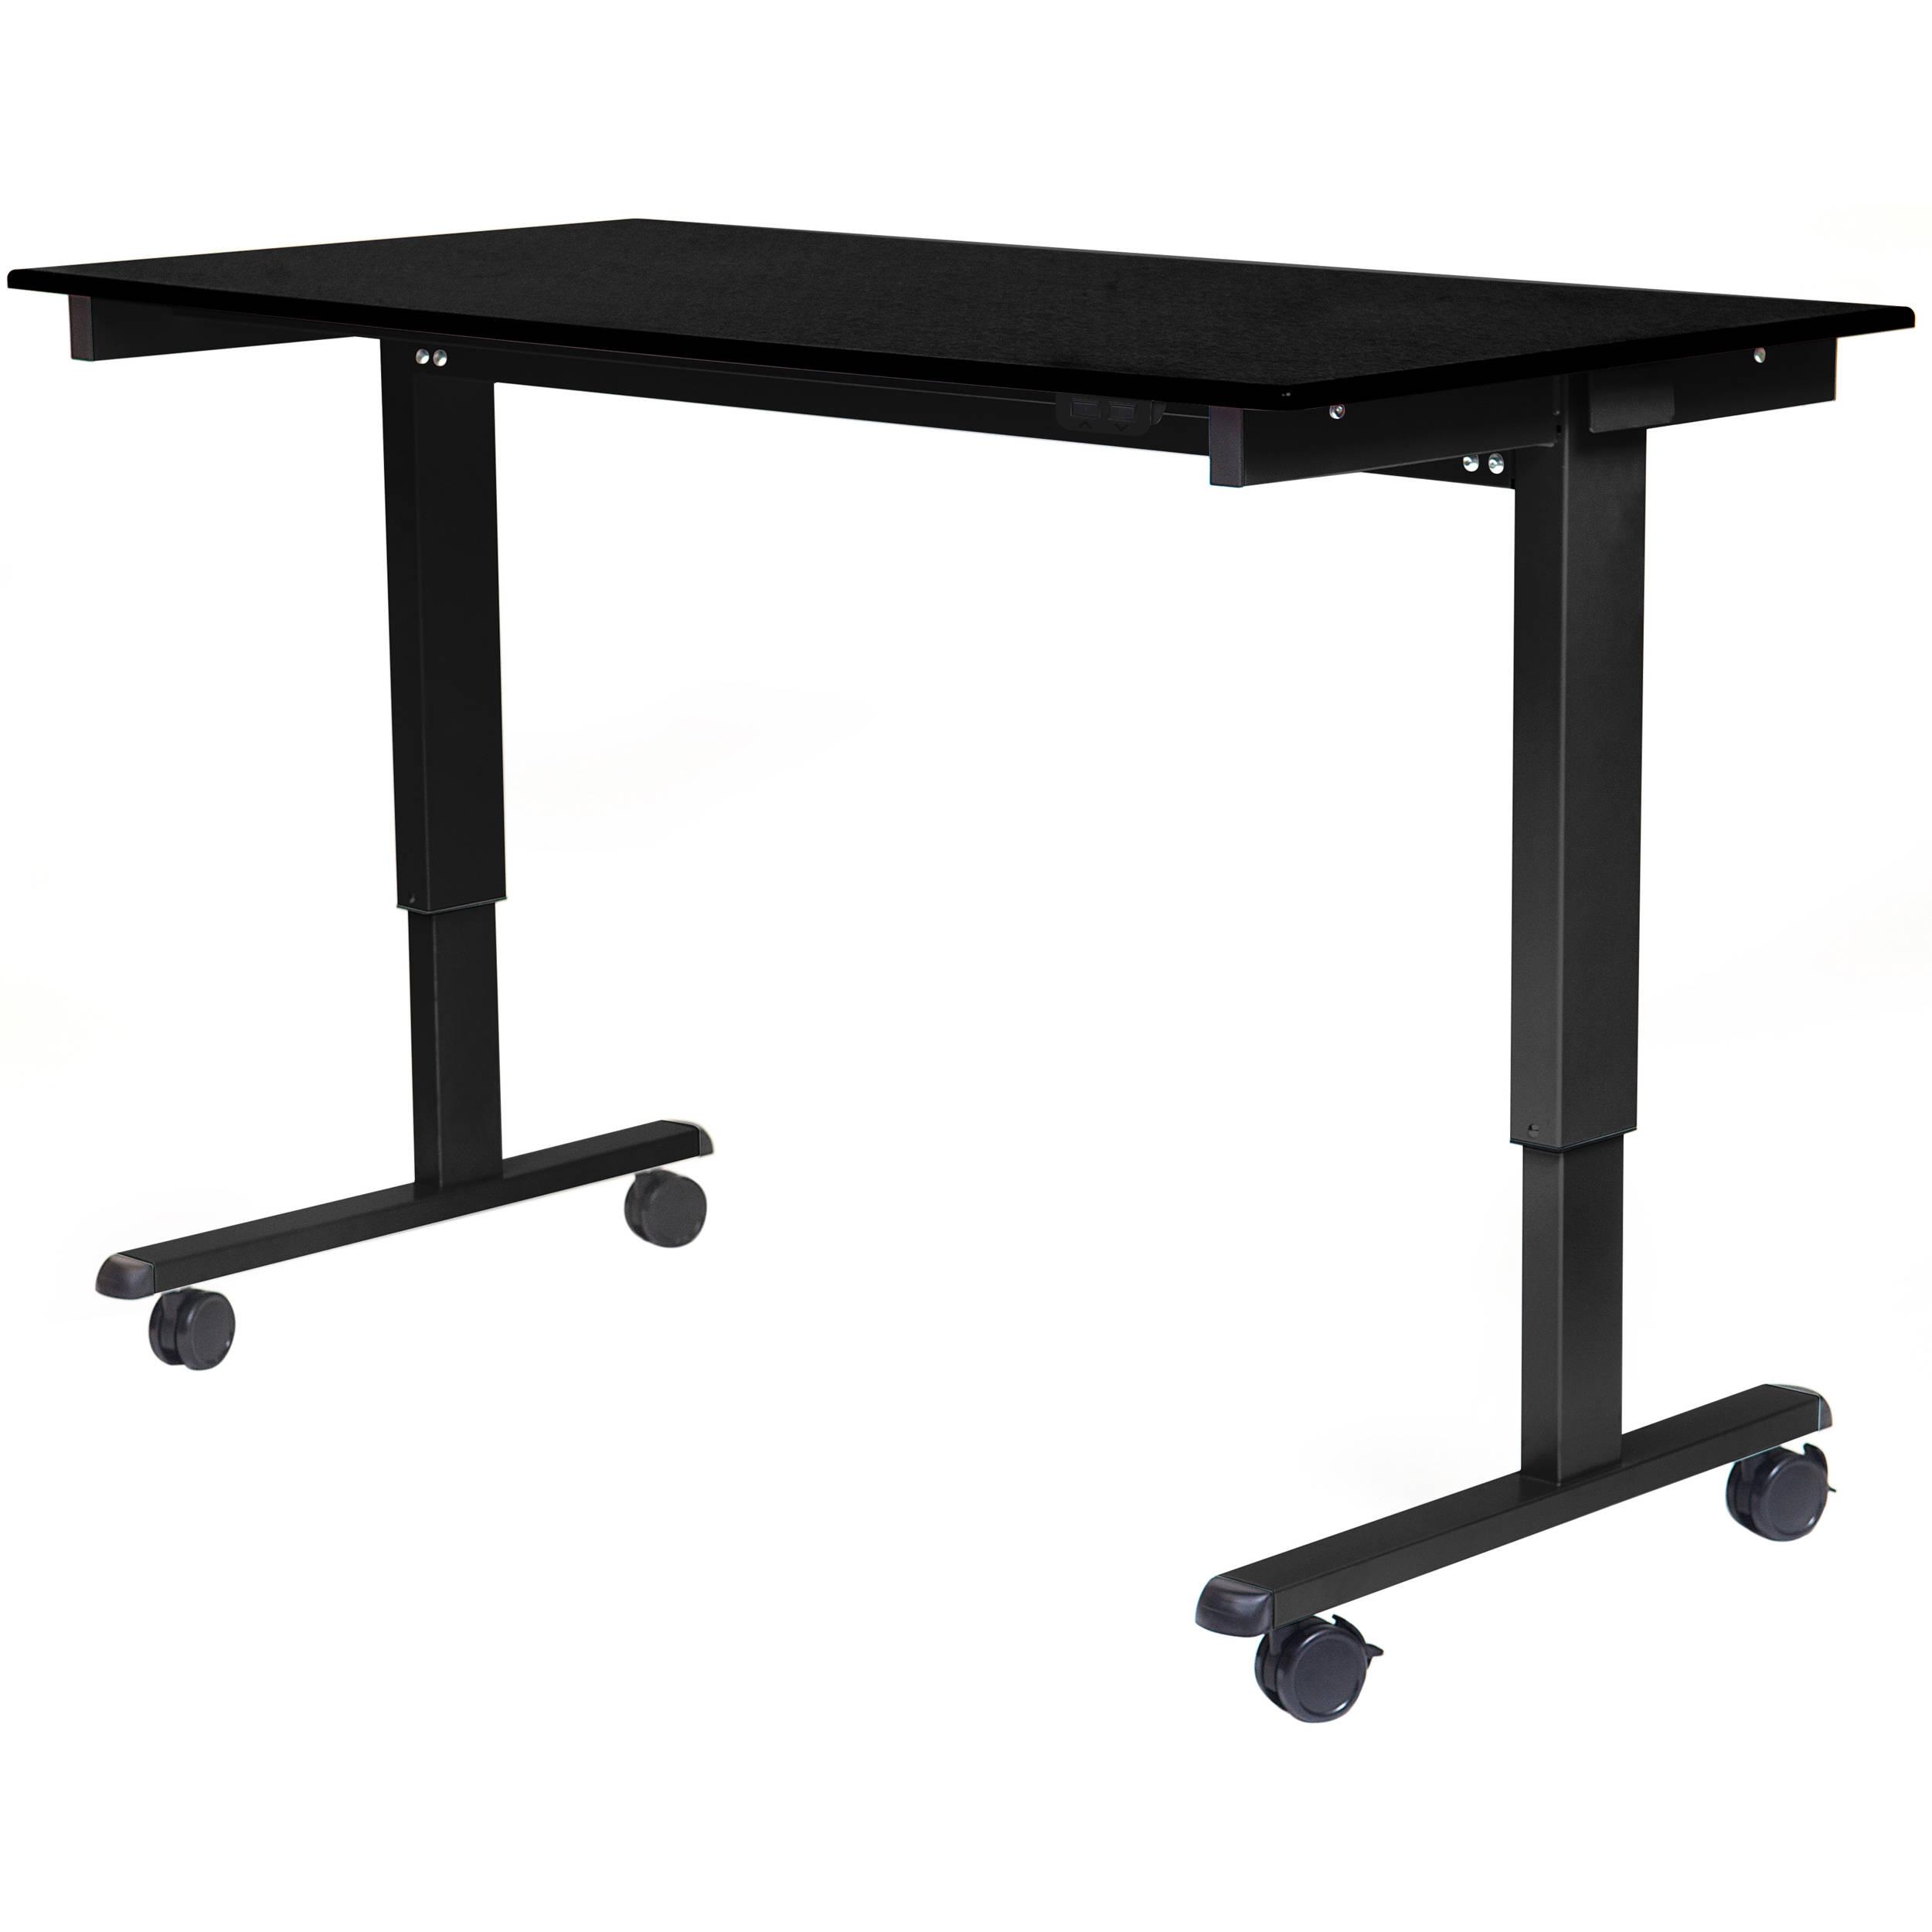 Luxor 60 Electric Standing Desk Black Oak Frame